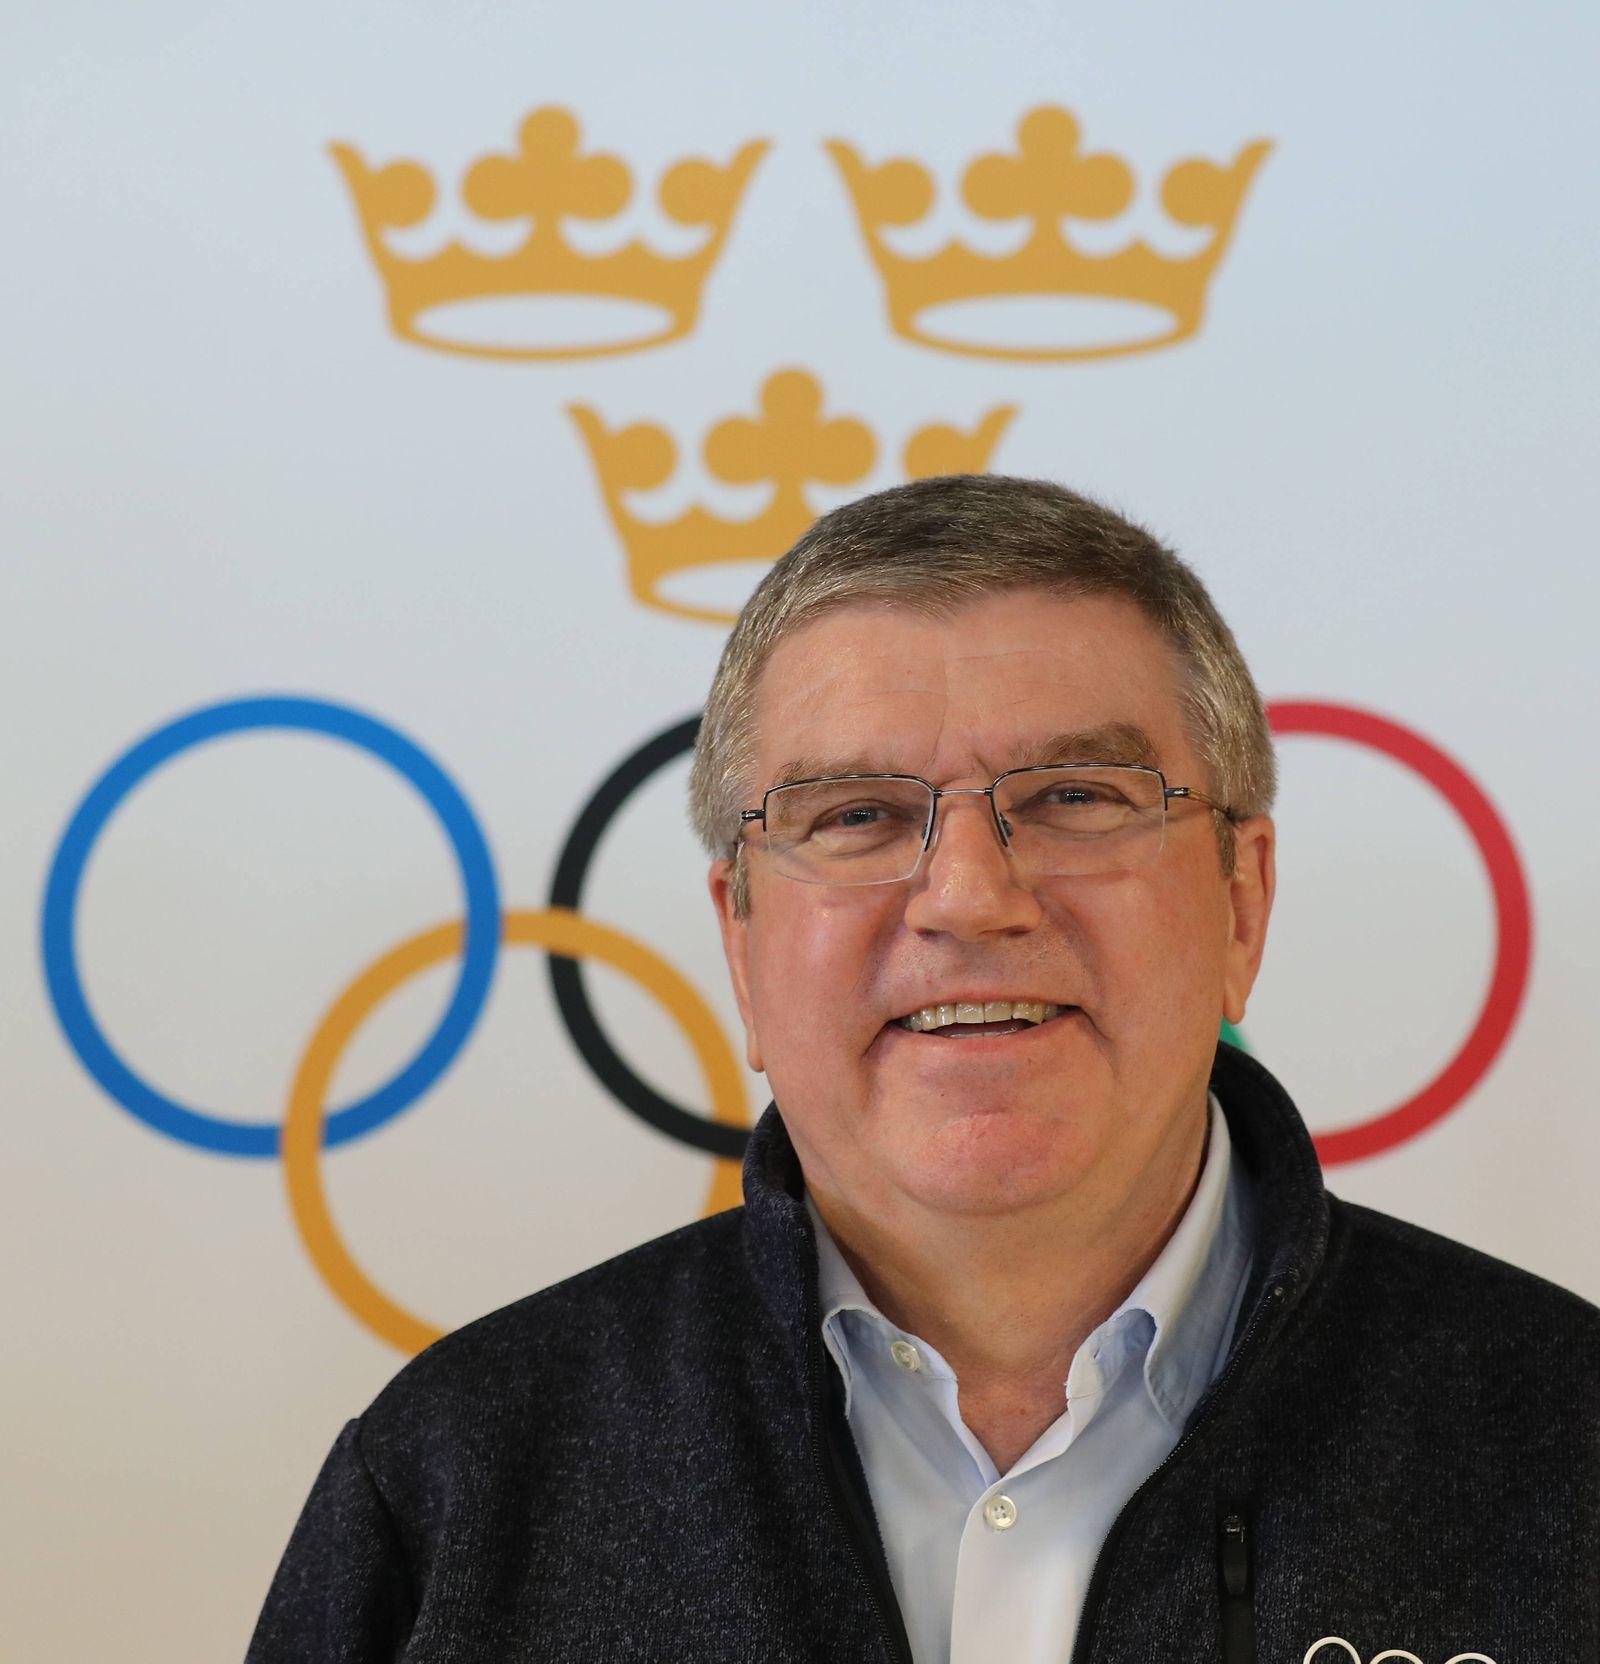 Pressekonferenz von IOC Präsident Thomas Bach anläßlich der Olympia Bewerbung von Schweden Thomas Bach (IOC Präsident)